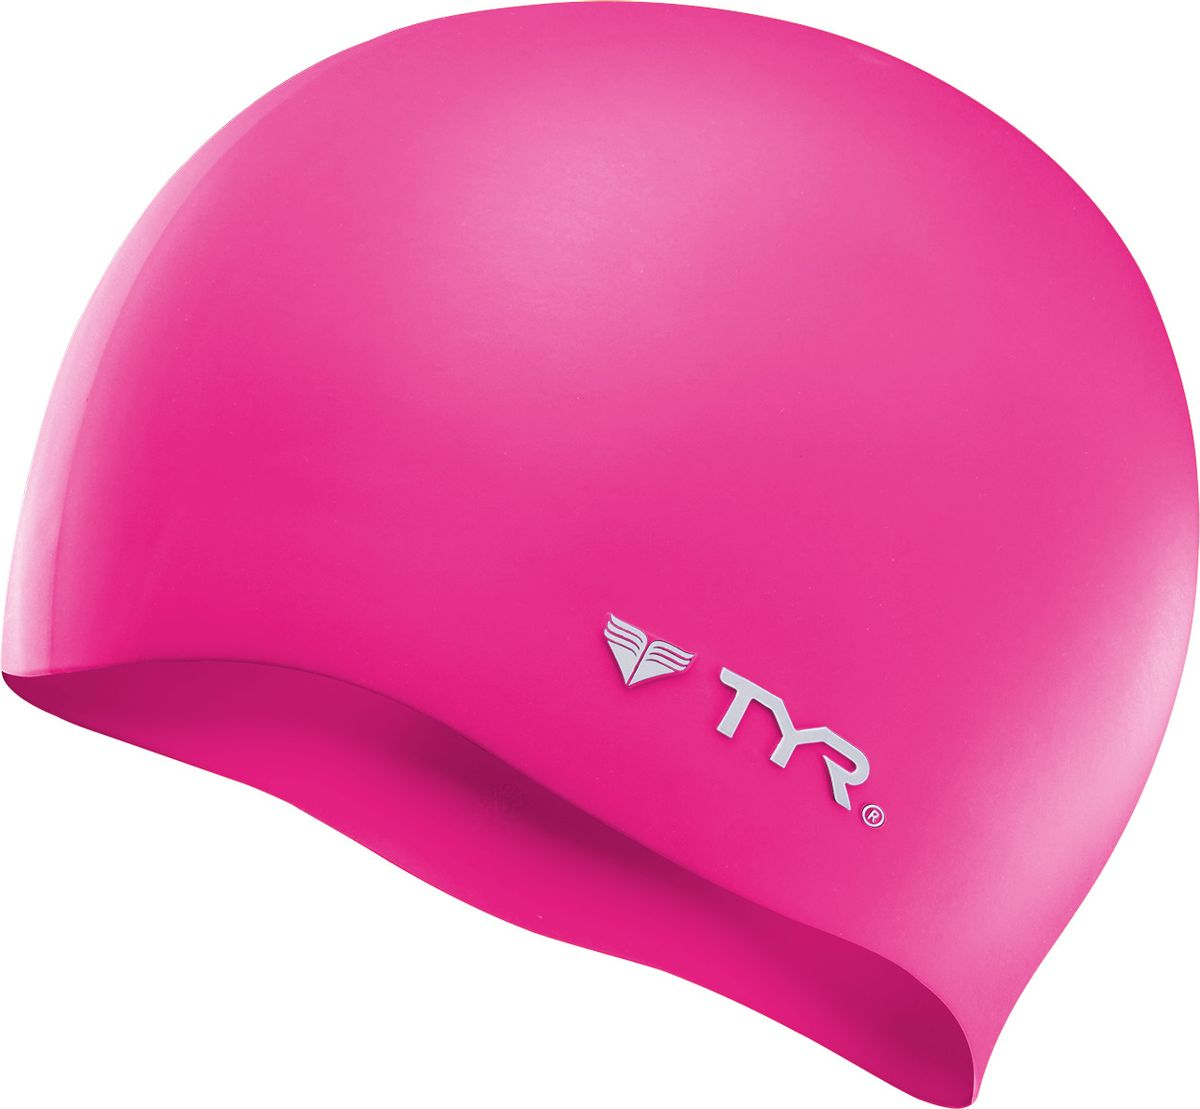 Шапочка для плавания Tyr Wrinkle Free Silicone Cap, цвет: розовый. LCSLCSСиликоновая шапочка TYR Wrinkle Free – изготовлена из высококачественного материала устойчивого к воздействию хлорированной воды, что гарантирует долгий срок службы. Материал шапочки не вызывает раздражения кожи и других аллергических реакций. Прекрасный вариант для тренировок в бассейне.